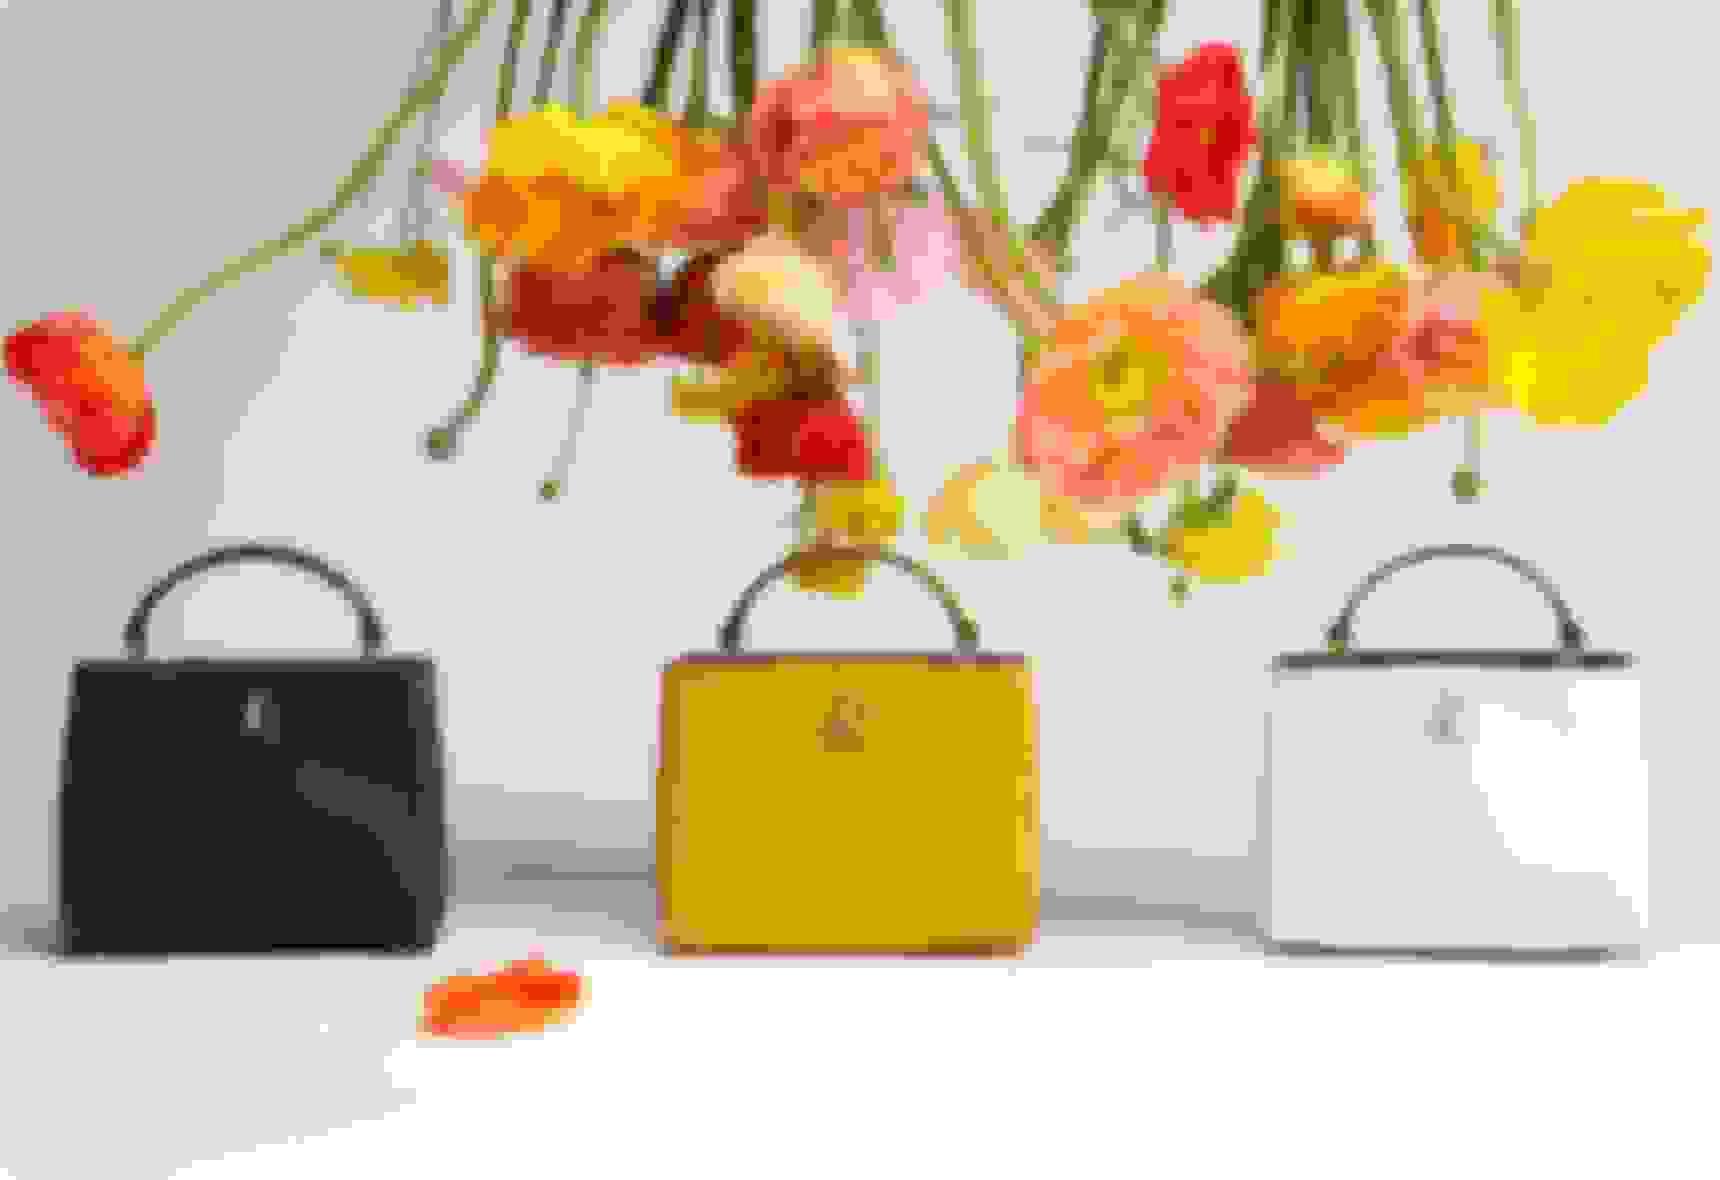 Jimmy Choo women's leather mini bags in 3 styles